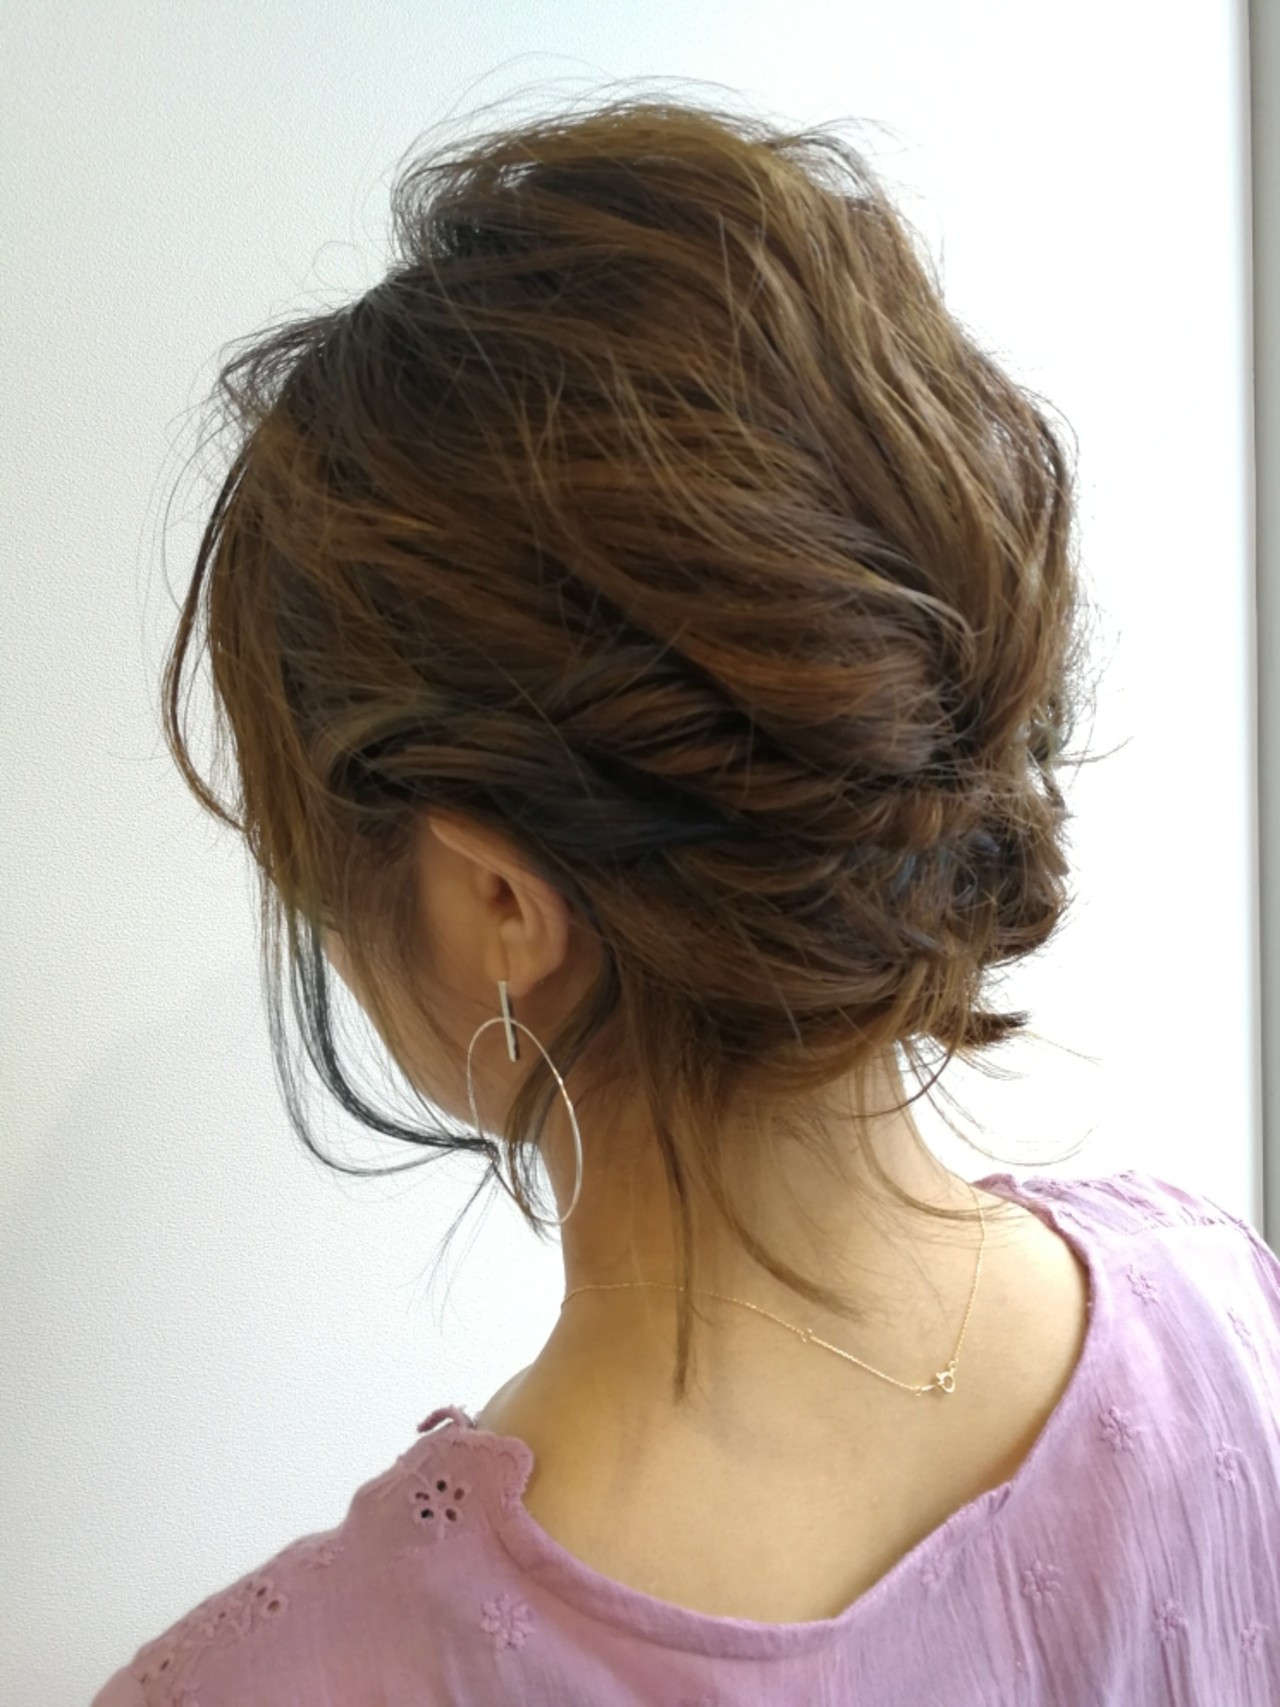 ゆるっとまとめるボブのアップヘア Saori Kastuki  Holic_beauty_salon